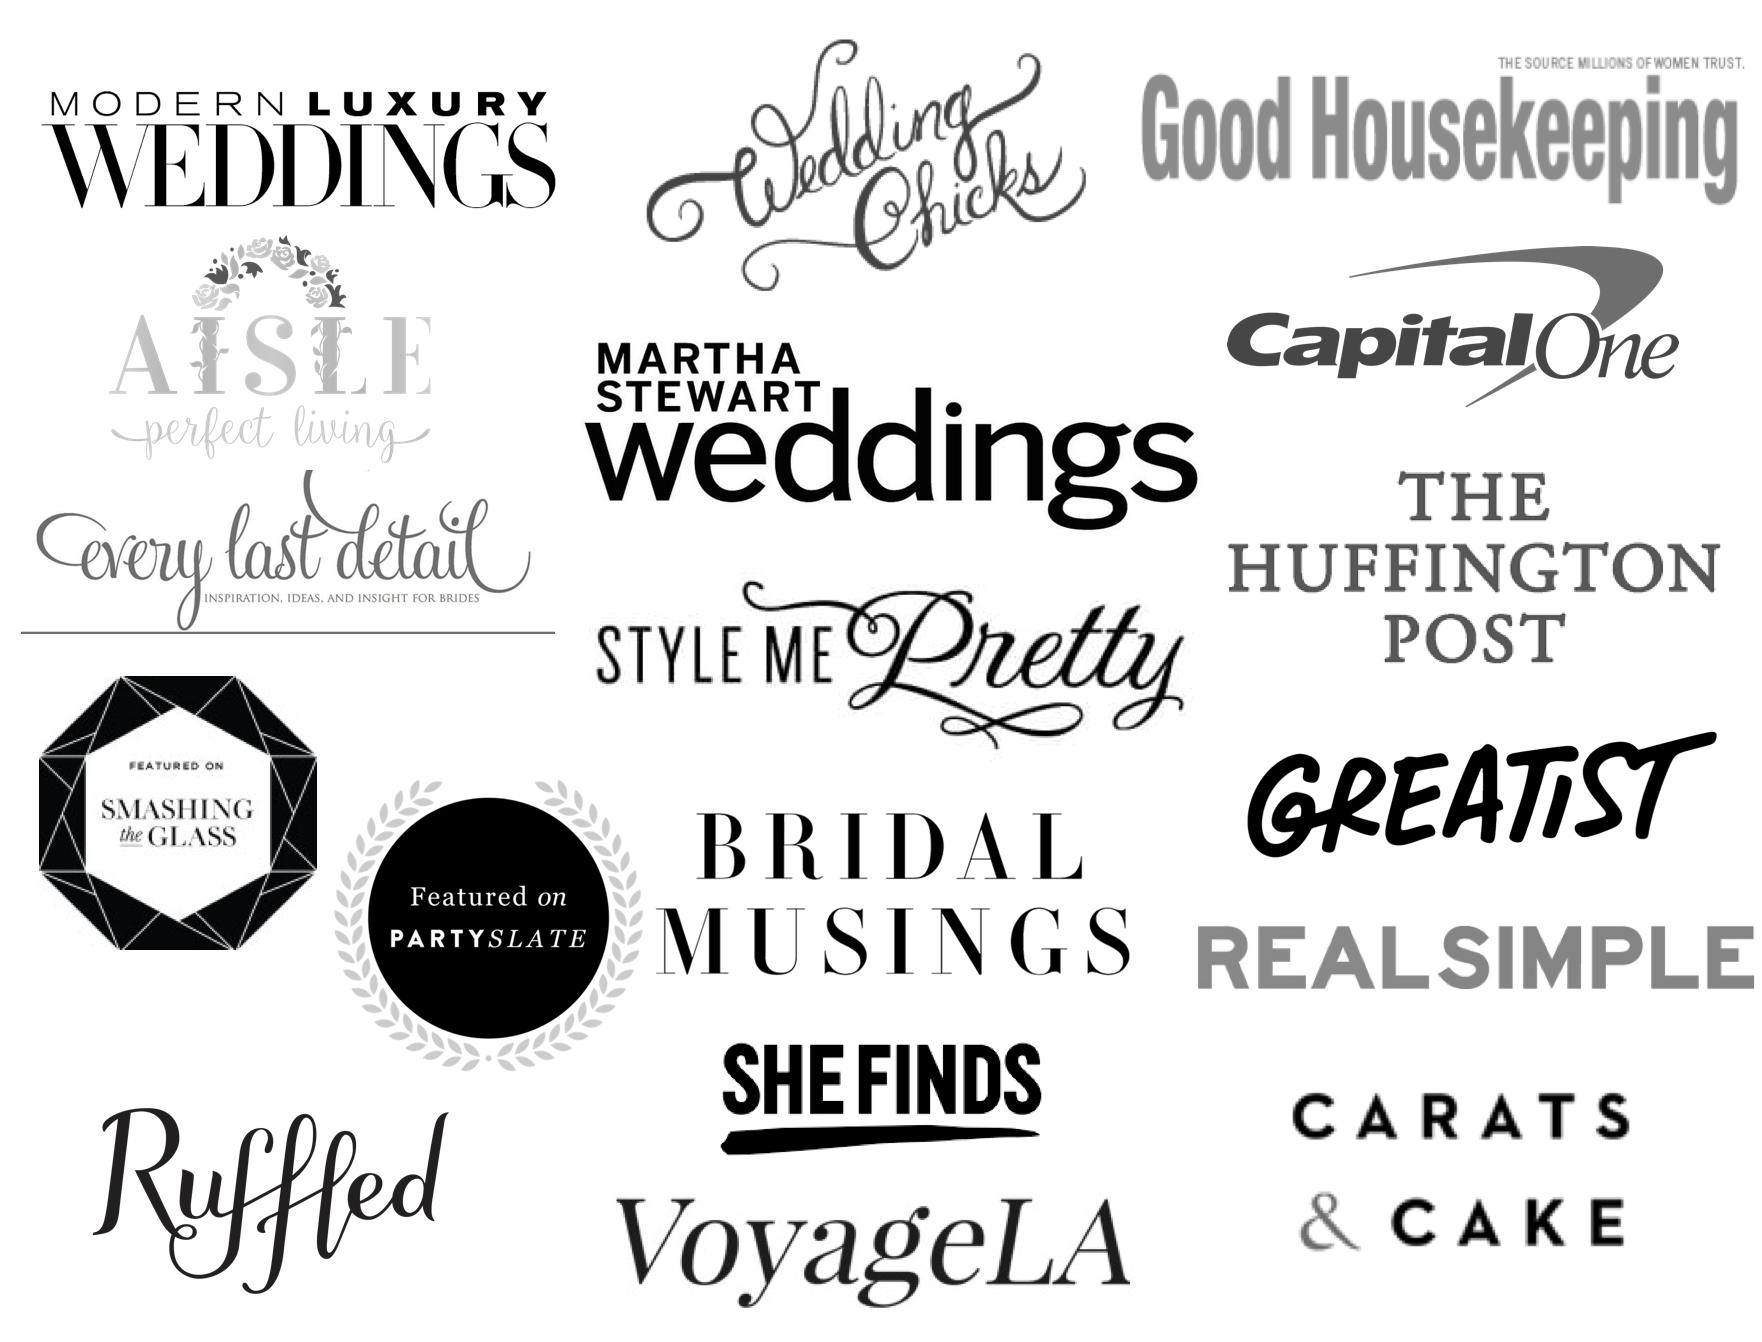 Los-Angeles-Wedding-Planner-Hovik-Harutyunyan